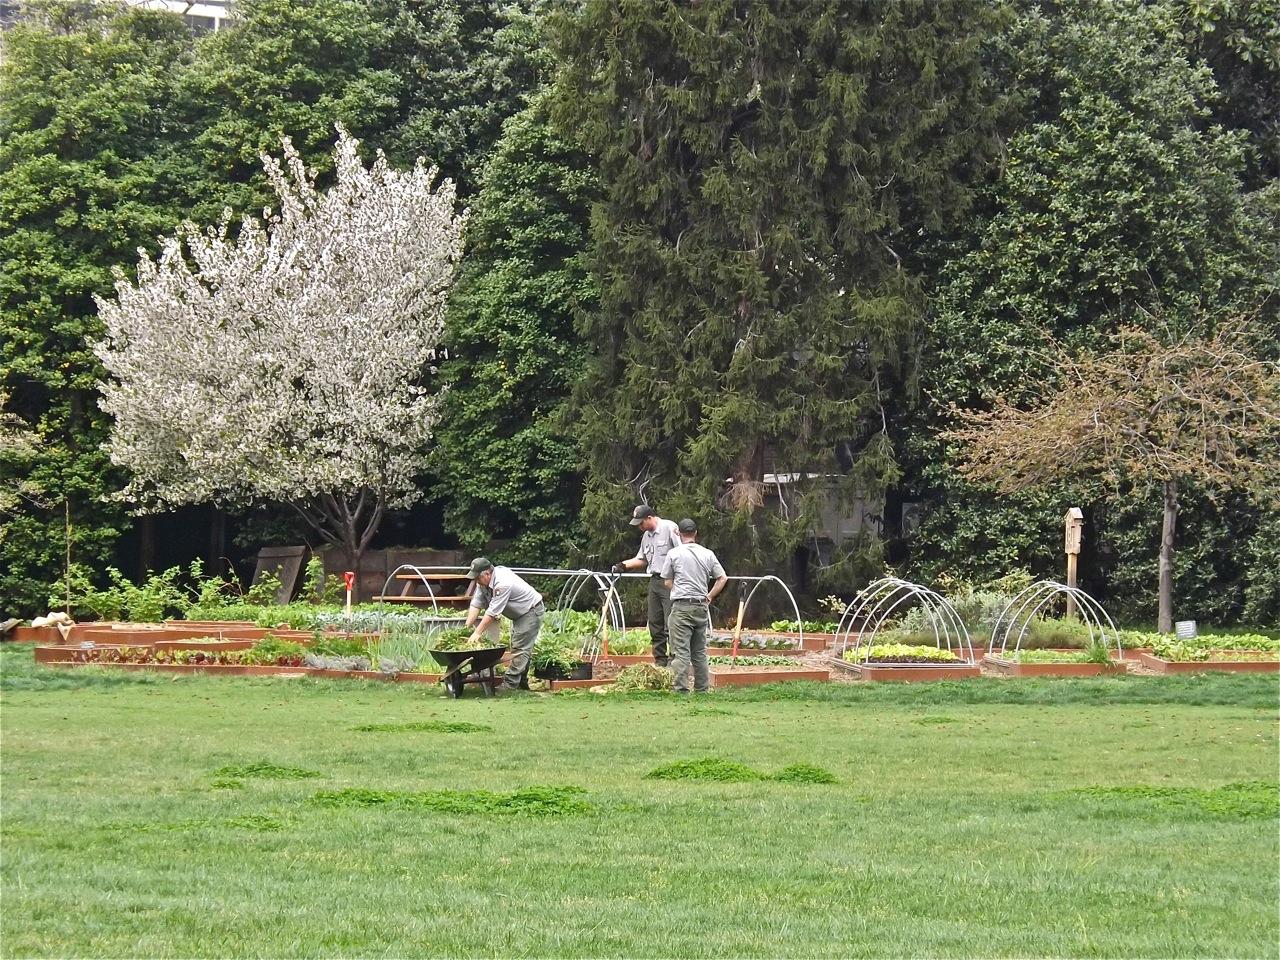 White House vegetable garden – enclos*ure